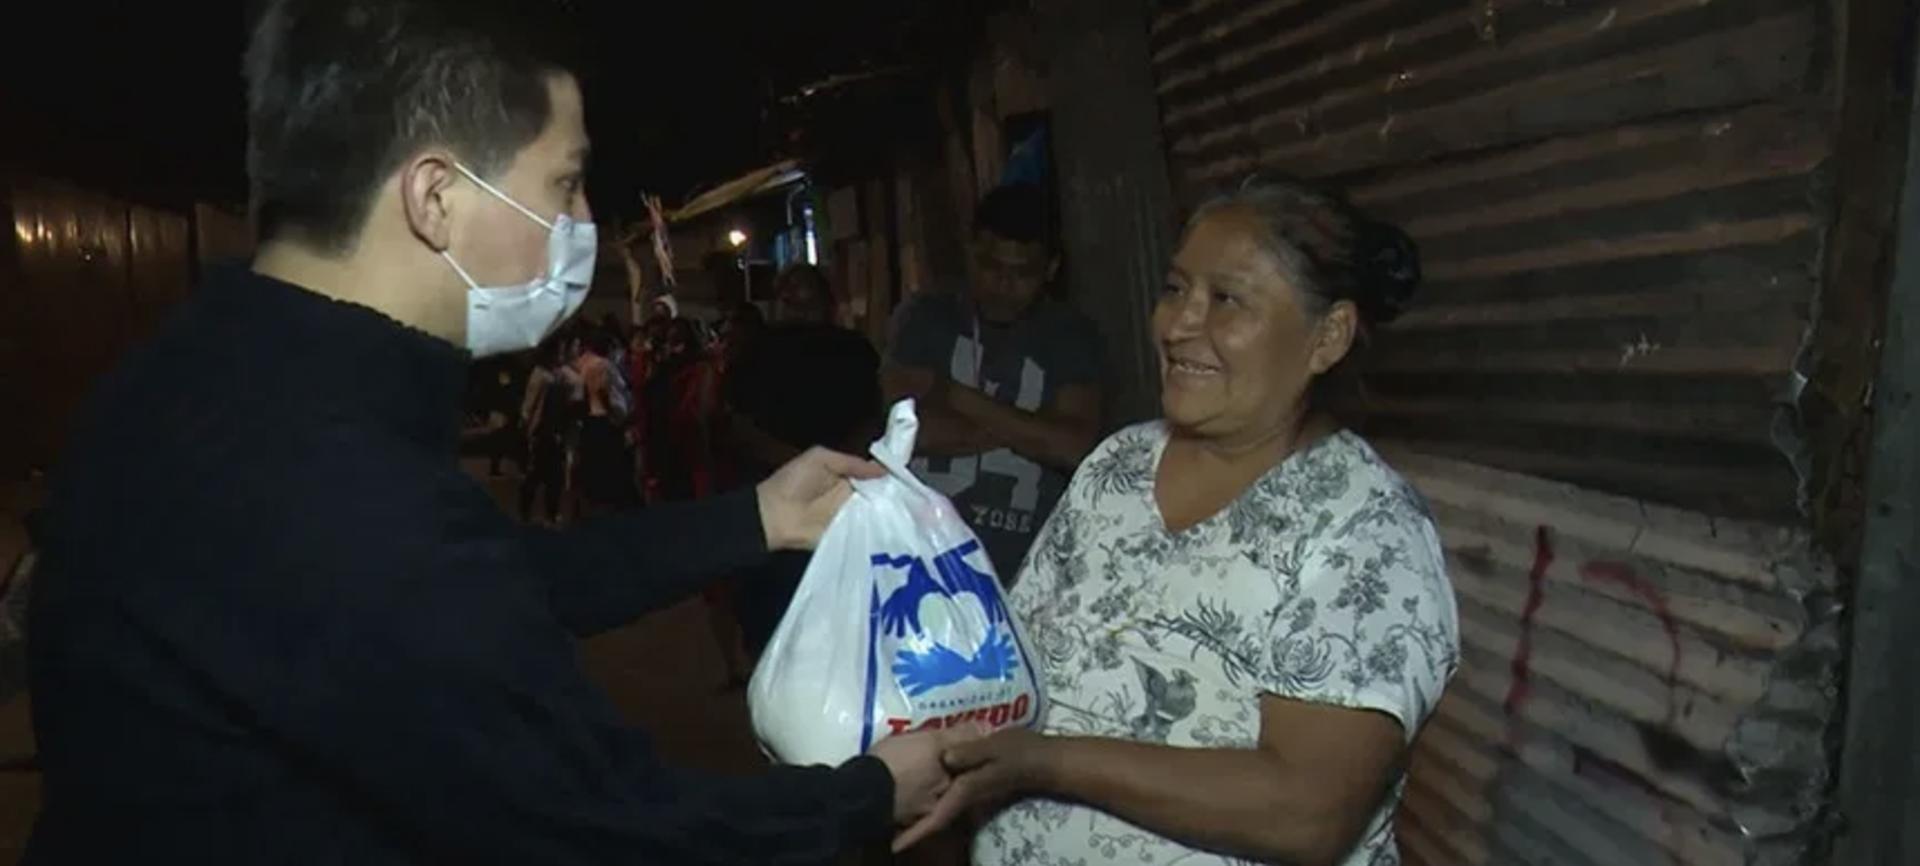 UniSocial atiende a las familias afectadas por las inundaciones en el sur de Brasil